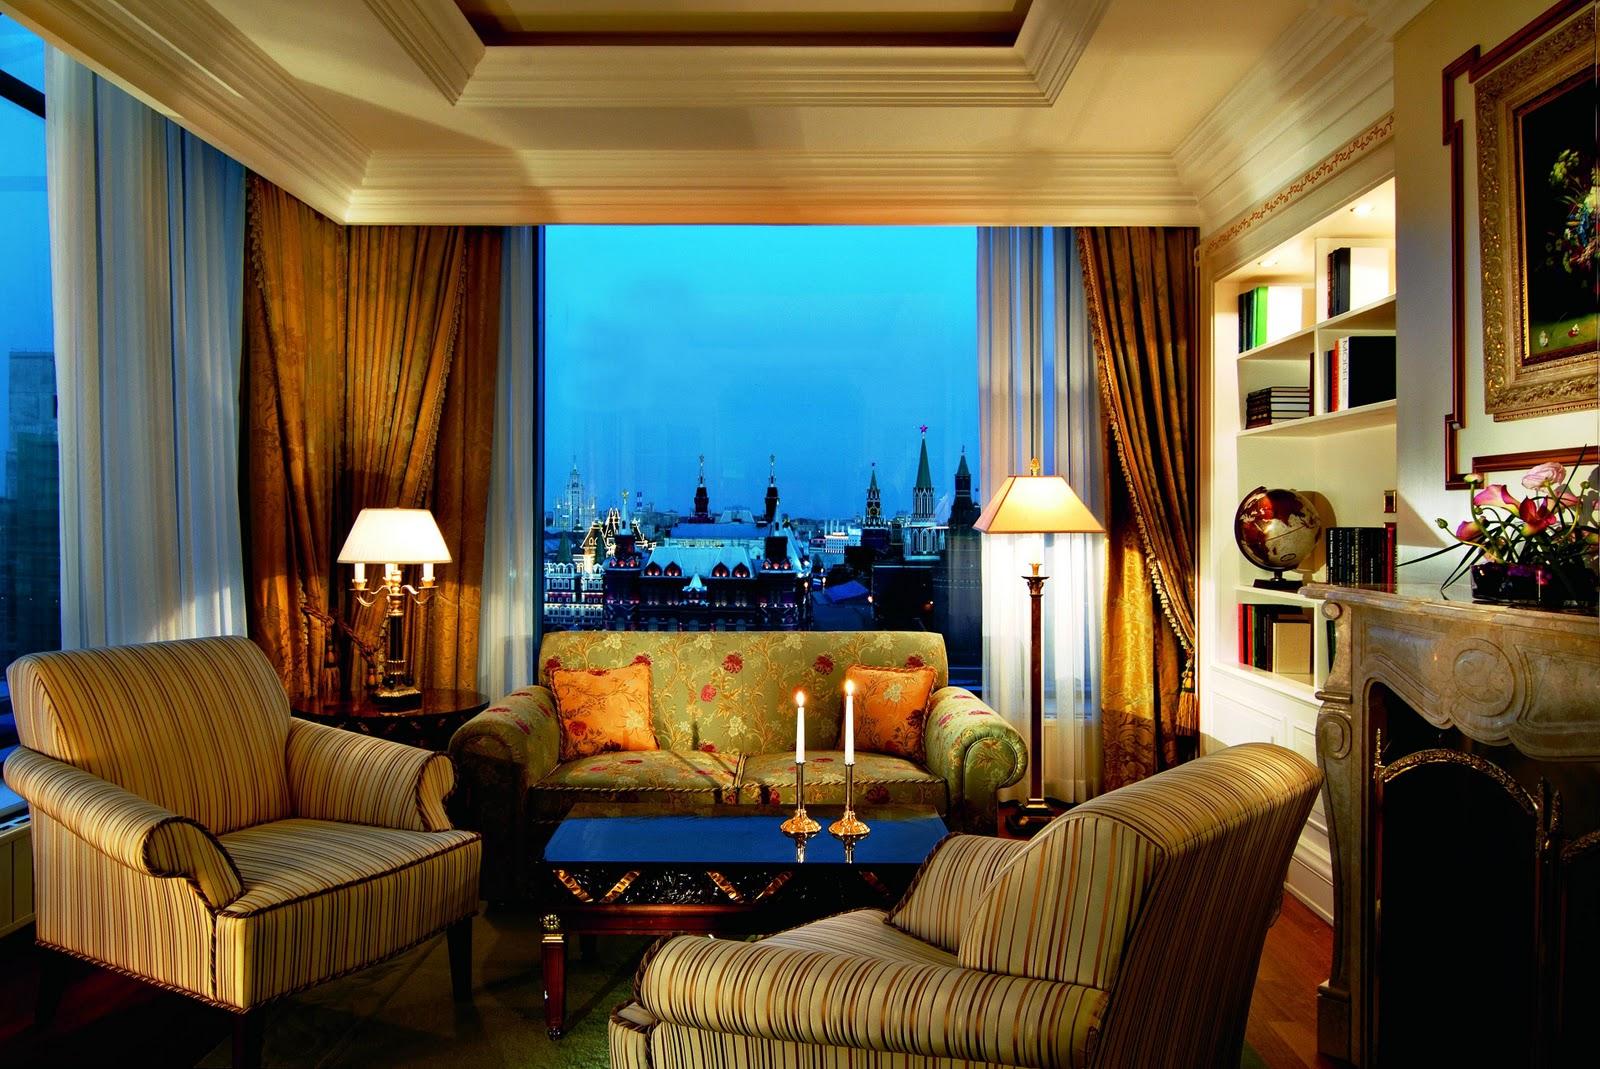 decoracao interiores de luxoDecoração de Luxo Alto padrão em